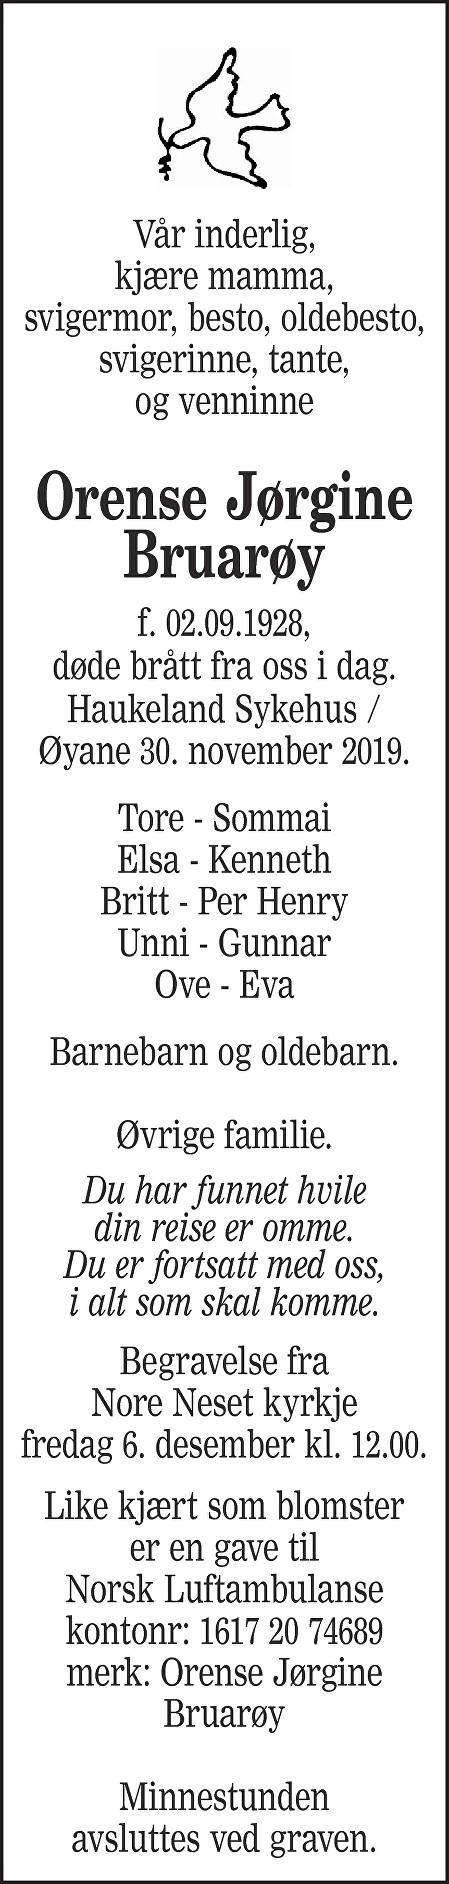 Orense Jørgine Bruarøy Dødsannonse